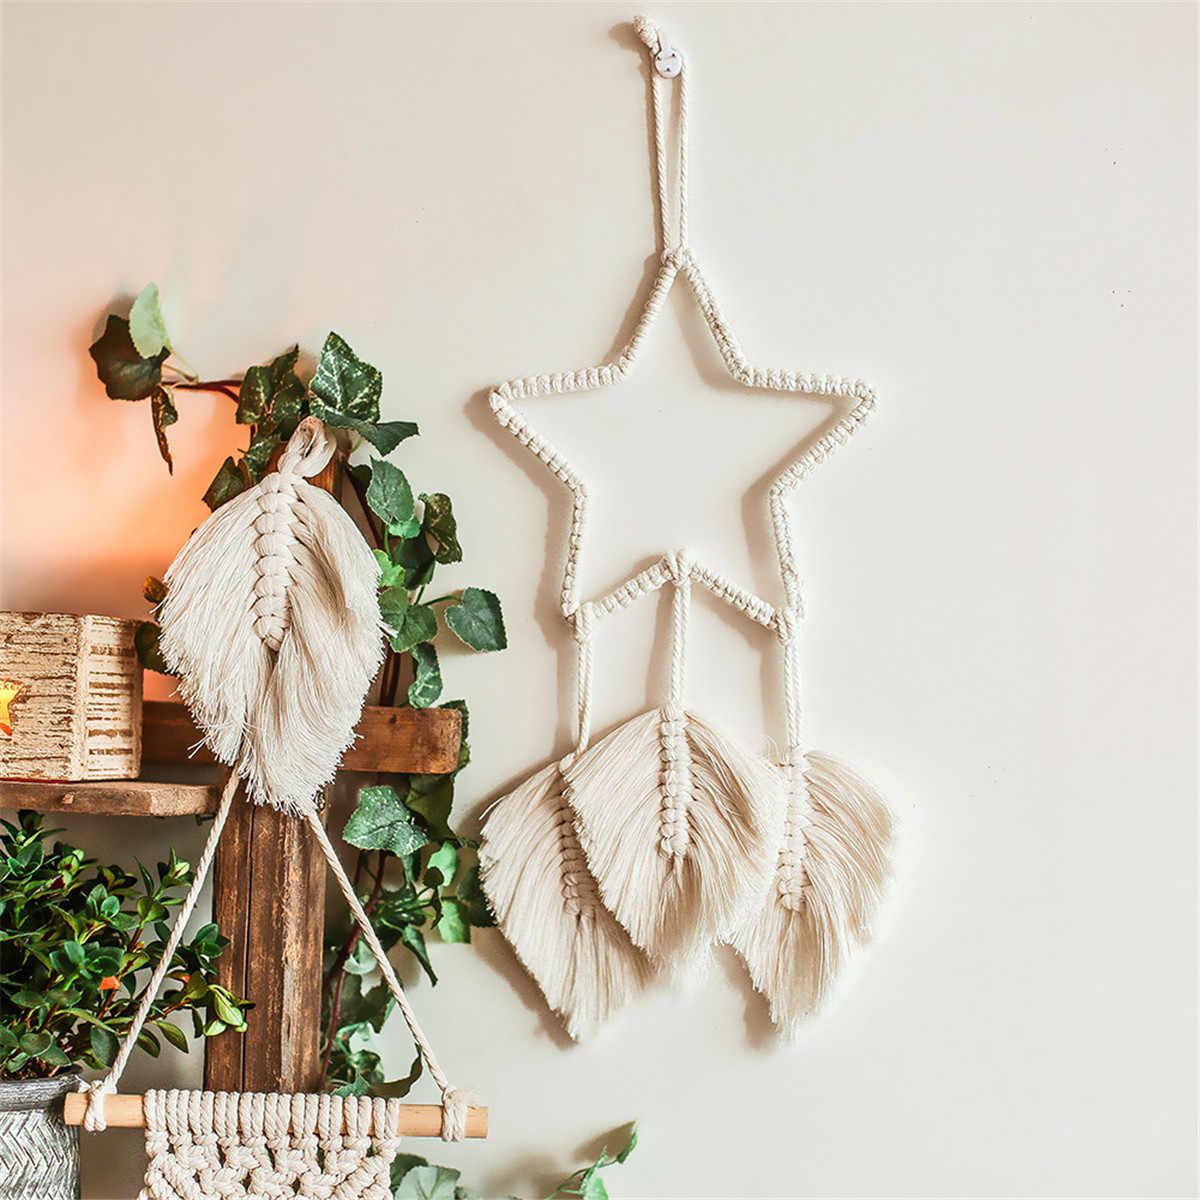 मैक्रों सजावट को बुनाई और हिचिंग की कपड़ा कला के रूप में भी जाना जाता है, जो बोहेमियन या स्कैंडिनेवियाई शैलियों का हिस्सा है।